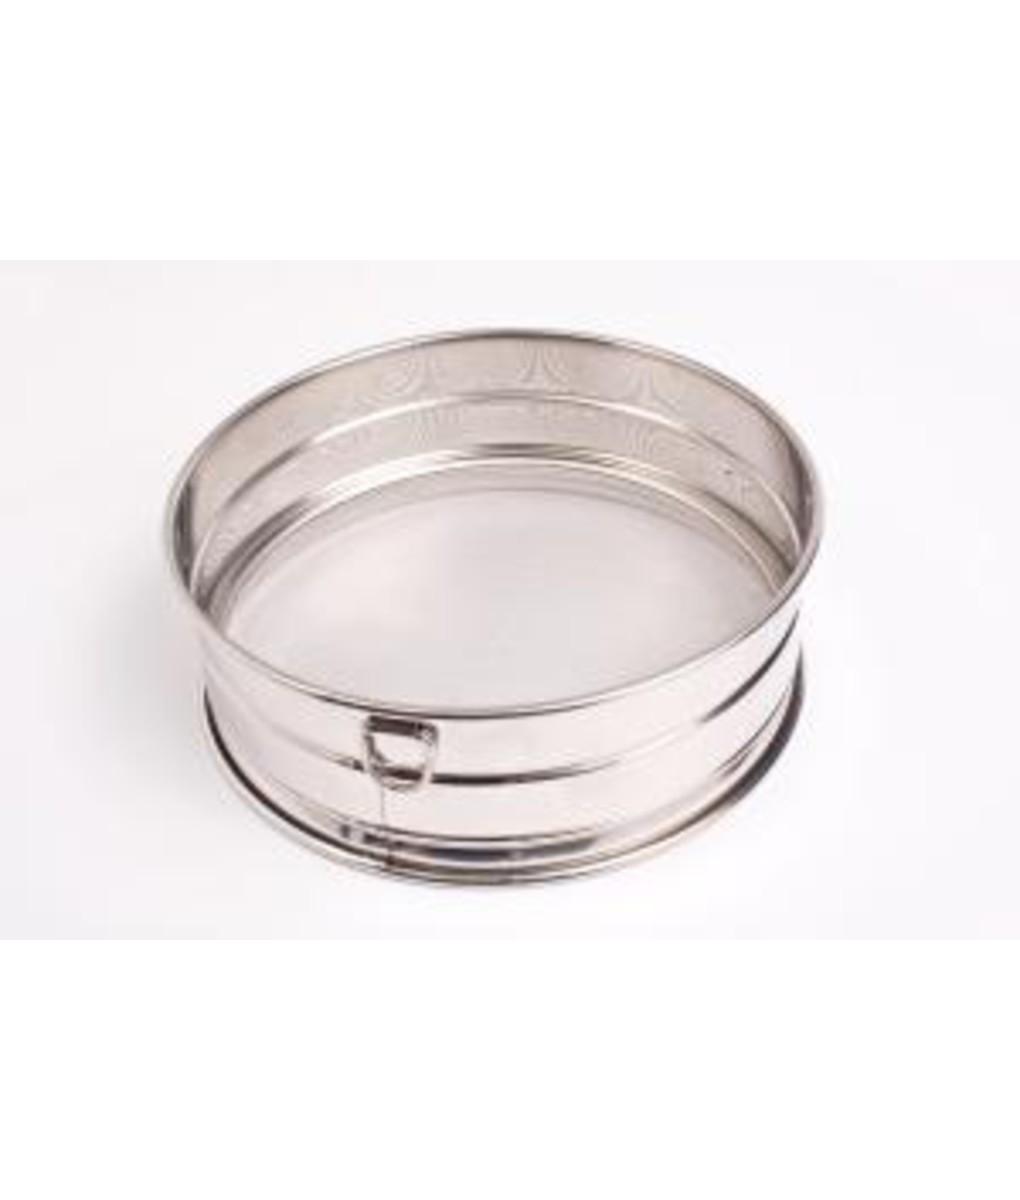 Fine Mesh Drum Sieve- Stainless steel with rim 30cm